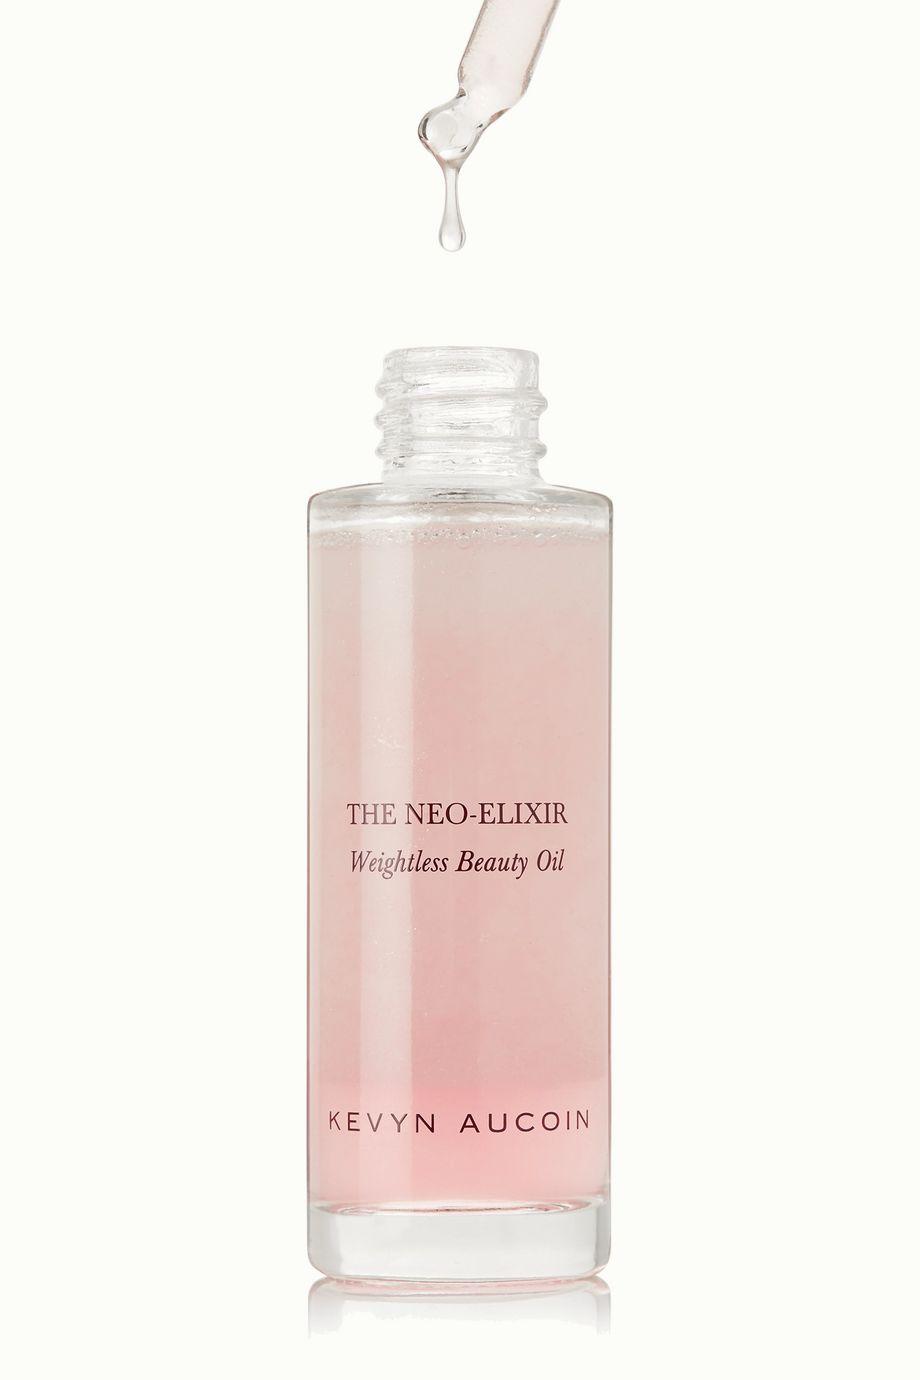 Kevyn Aucoin Huile de beauté ultra-légère The Neo-Elixir, 28 ml